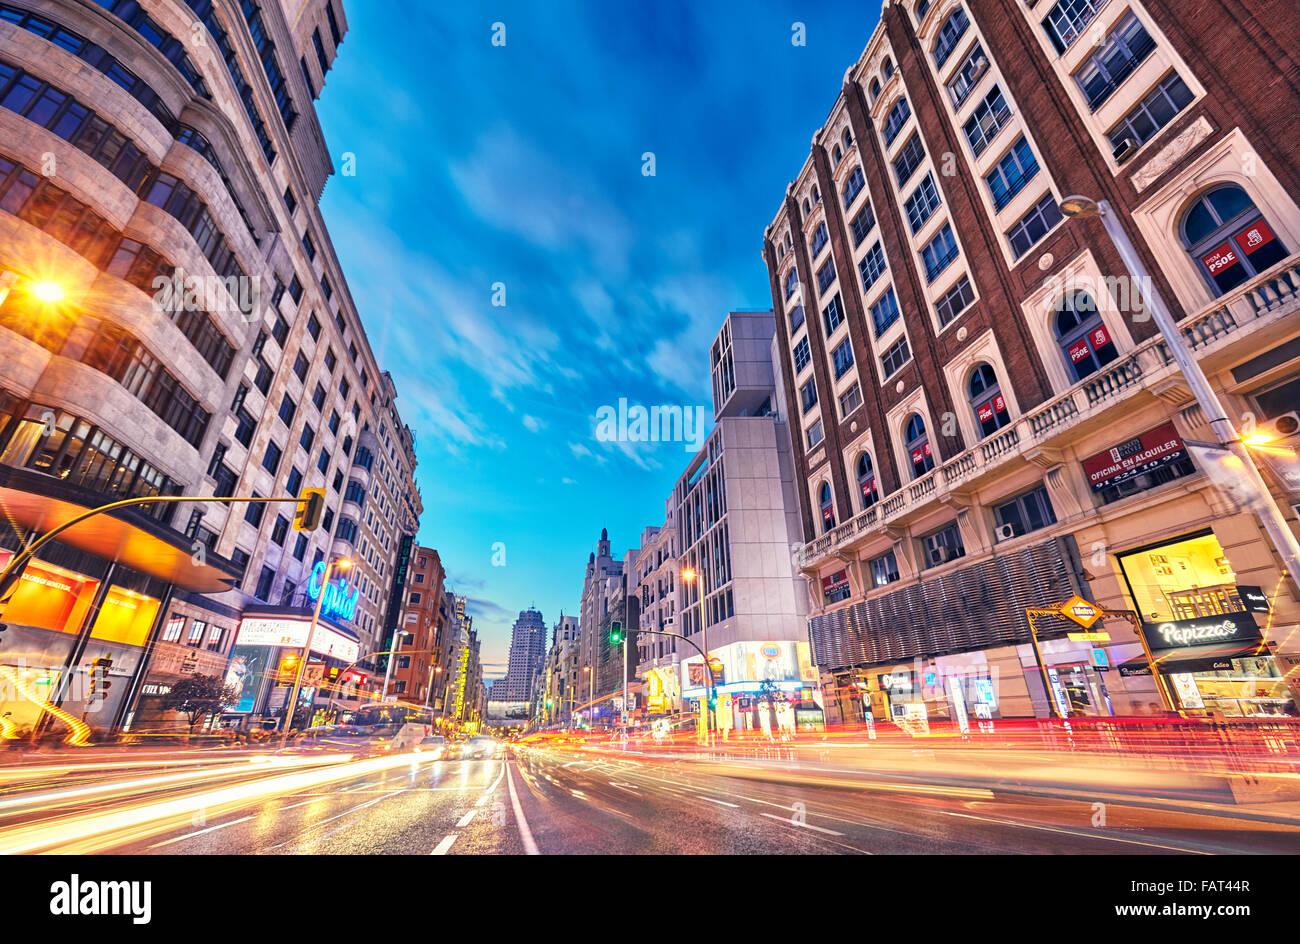 Callao Square und Gran Via Street in der Dämmerung. Madrid, Spanien. Stockbild